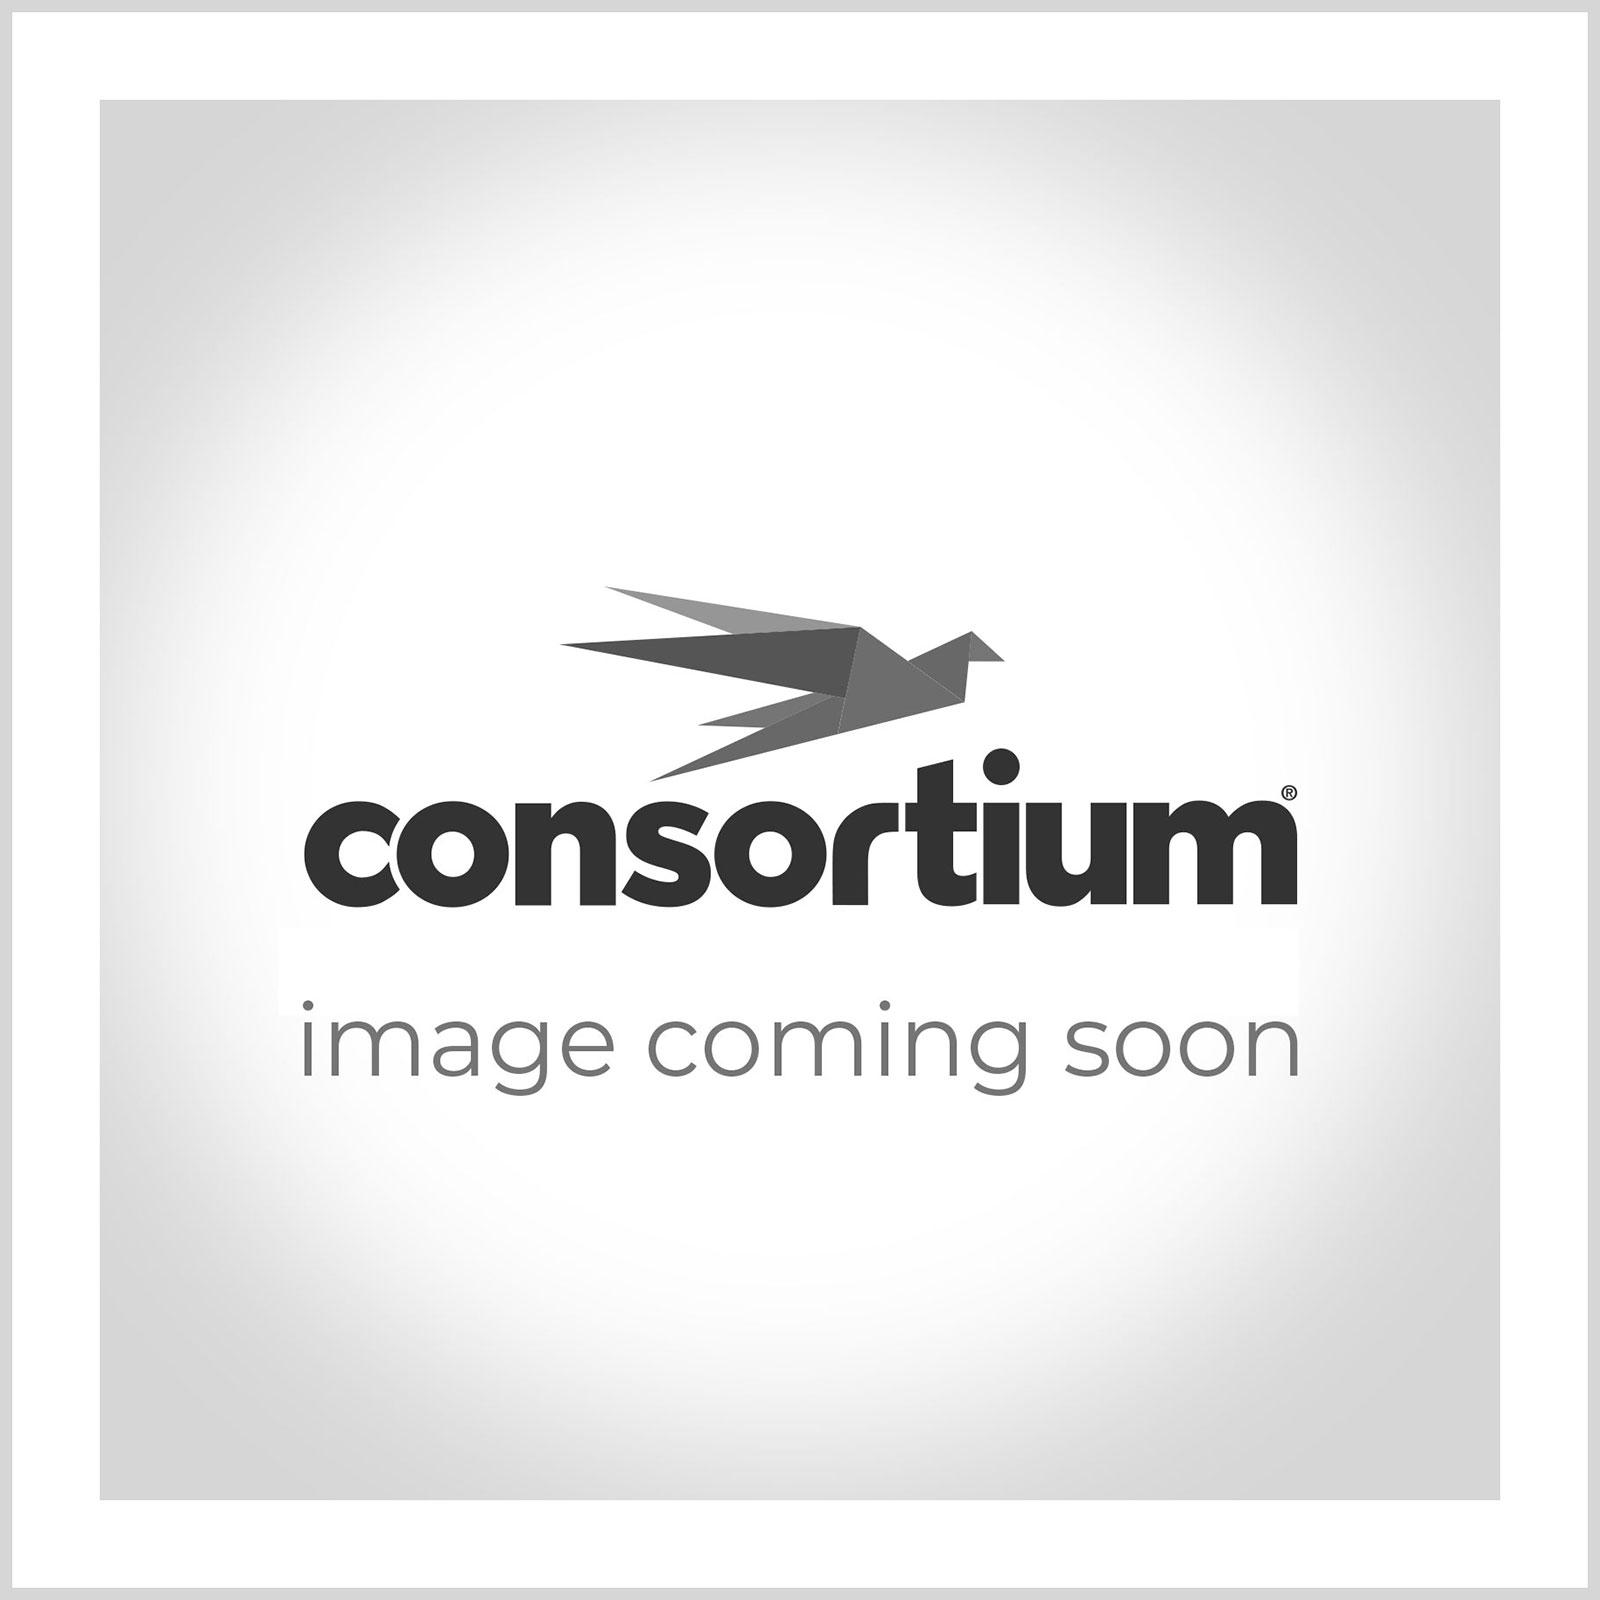 Carlton ISO 4.3 Maxi Blade Badminton Racket